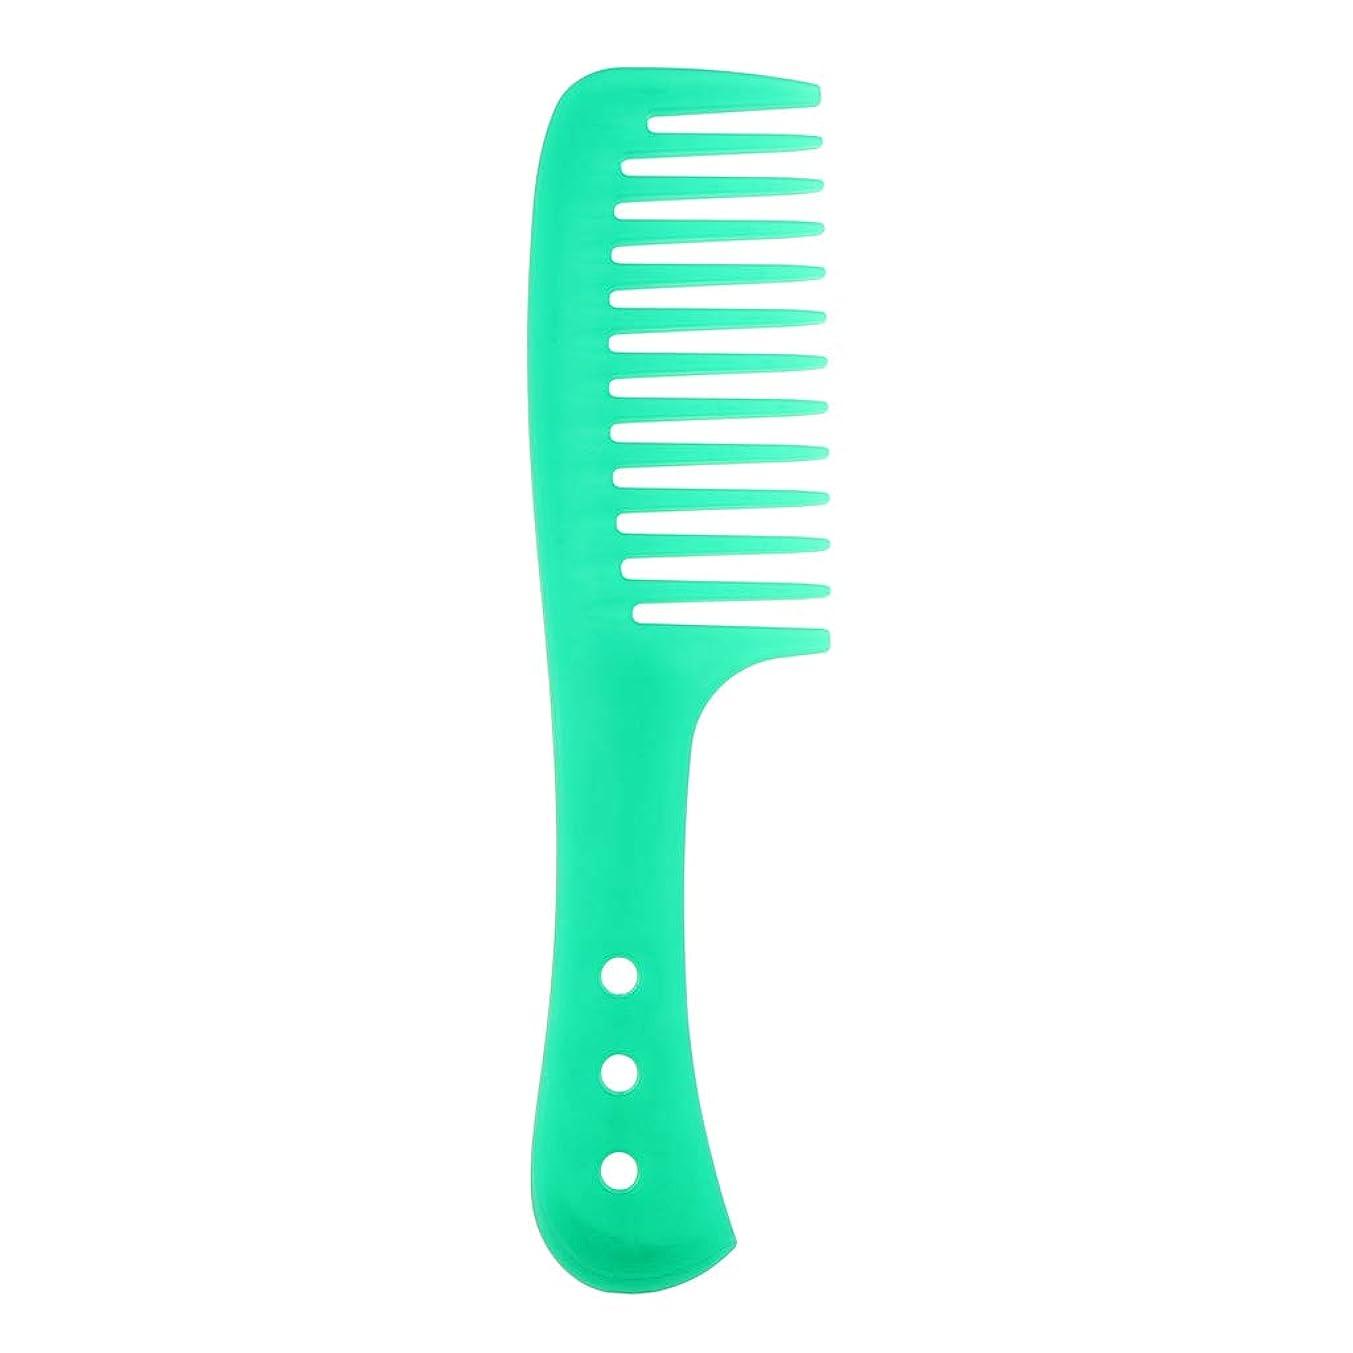 作り上げる超高層ビル市長ポータブル理髪広い歯の櫛巻き毛のDetangler頭皮マッサージブラシ - 緑